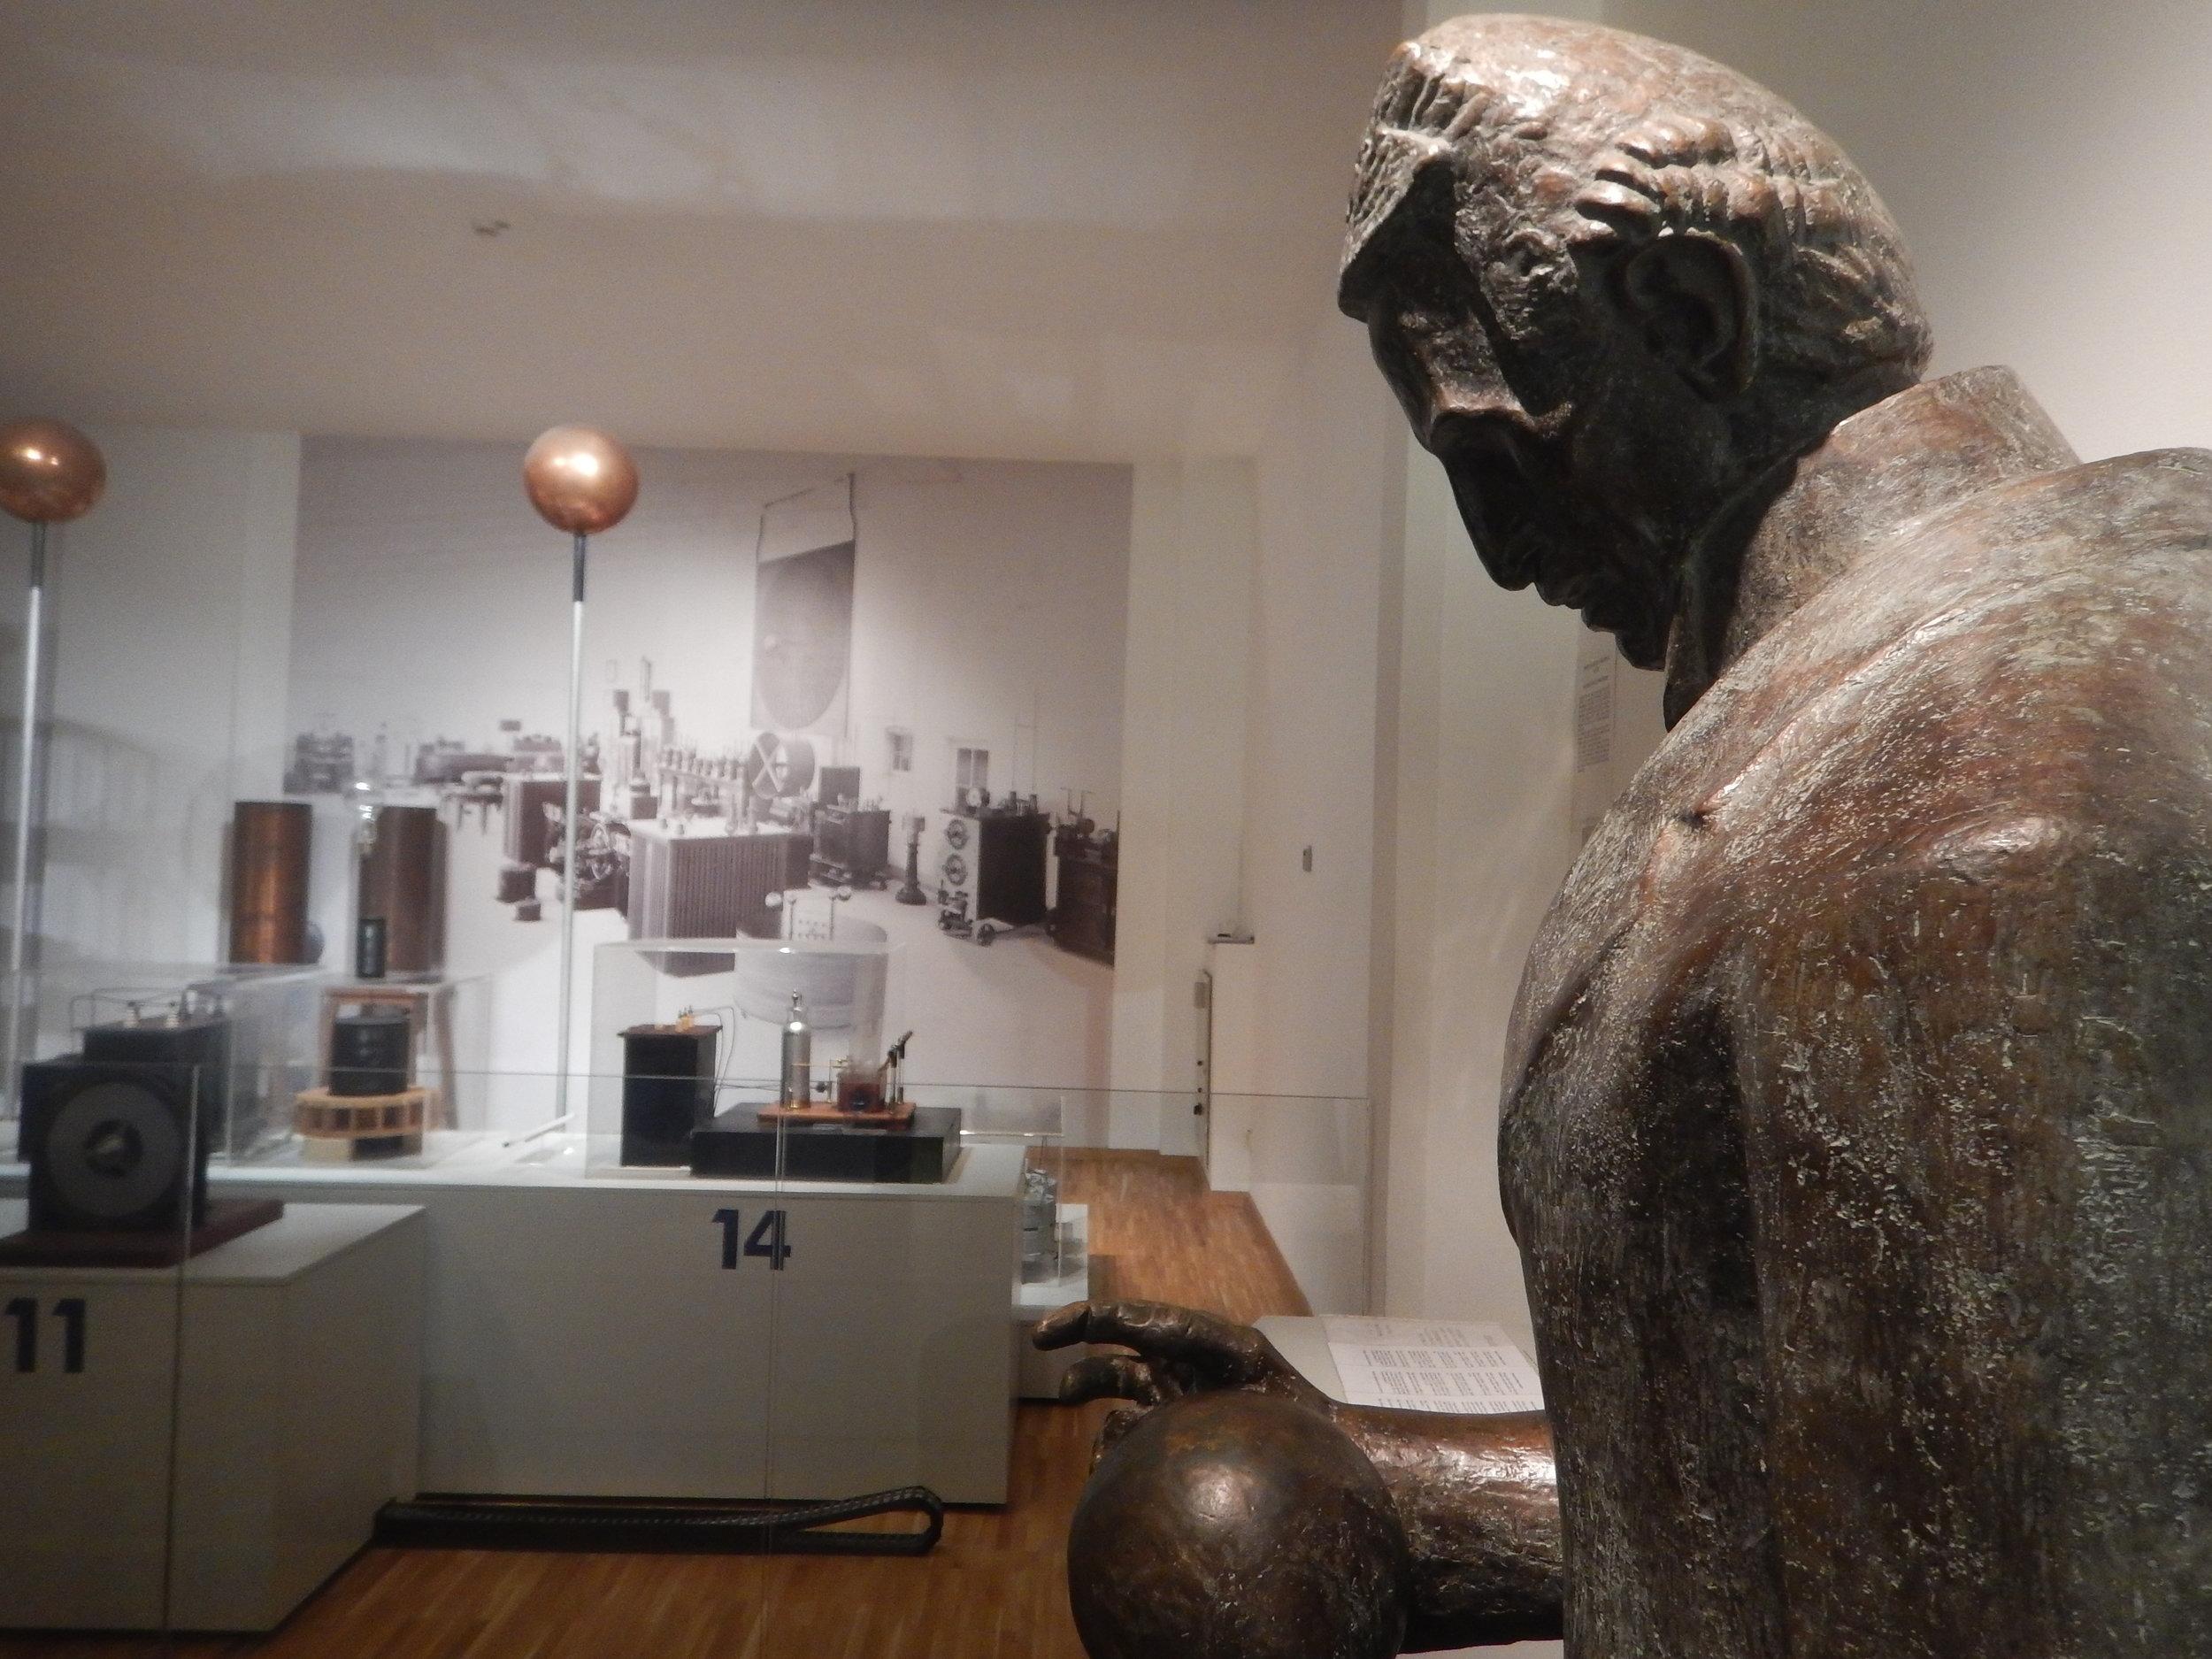 Another bronze sculpture of Tesla